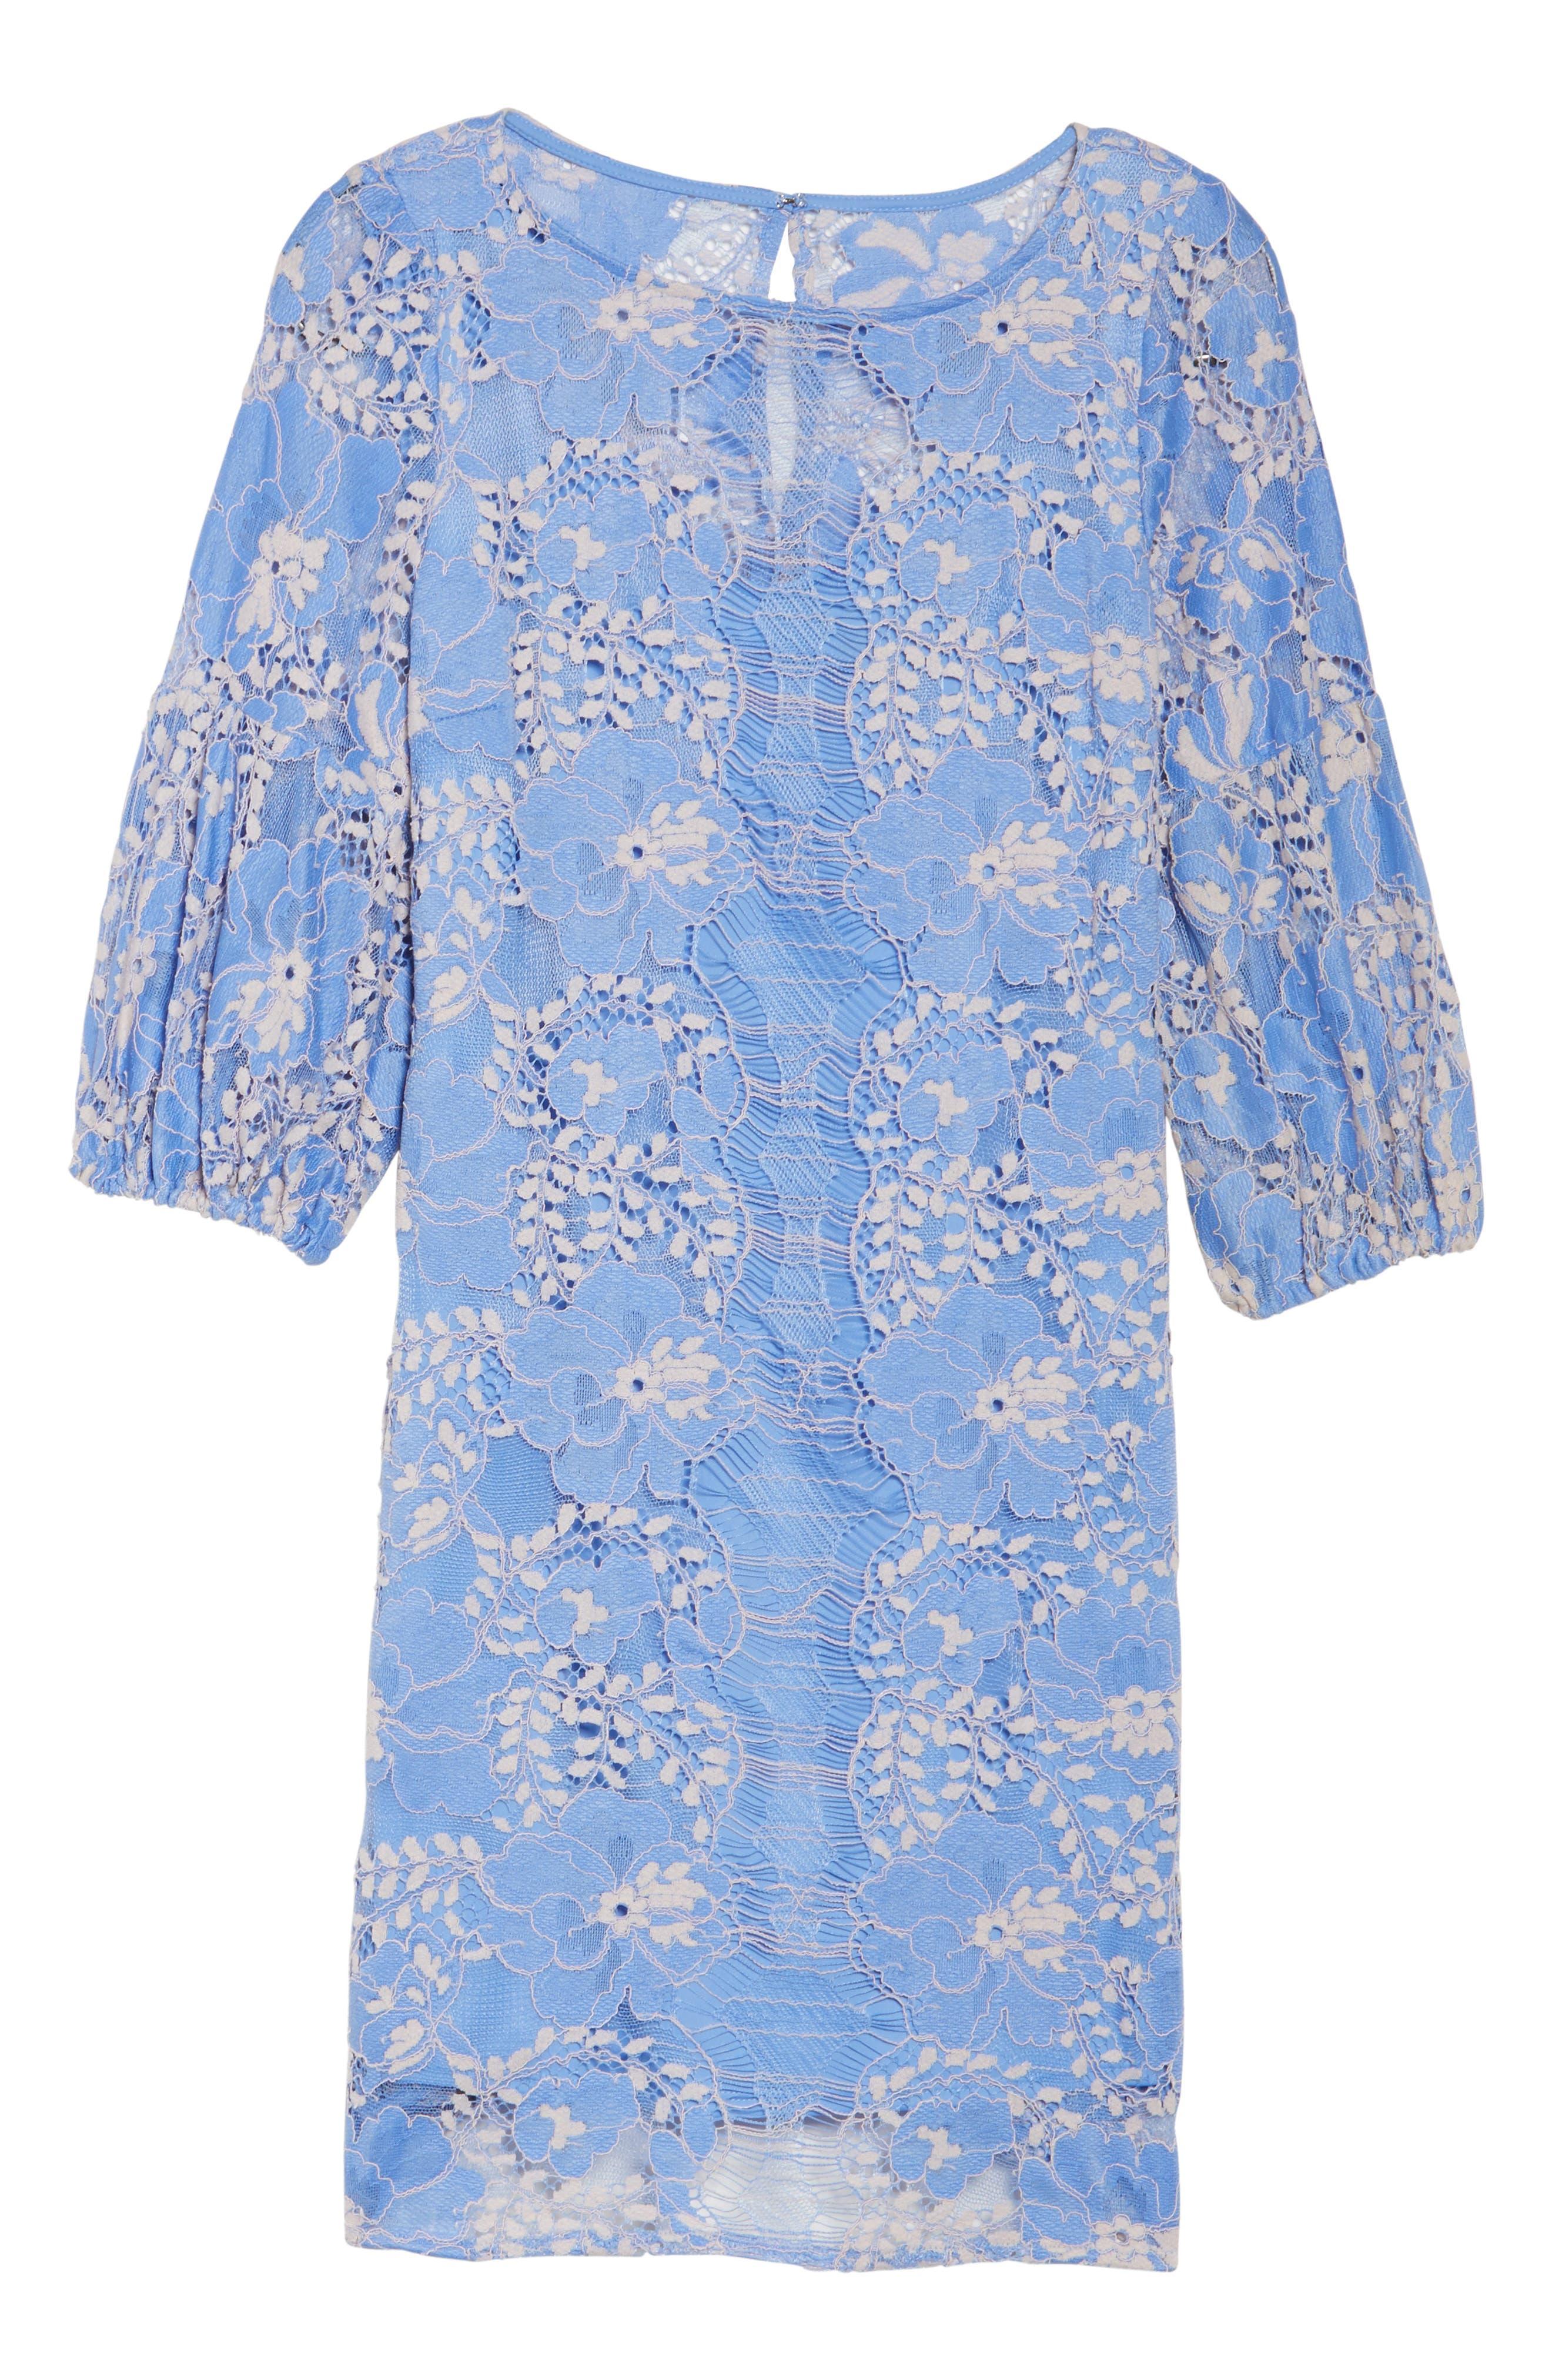 Lace Shift Dress,                             Alternate thumbnail 6, color,                             Blue/ Blush